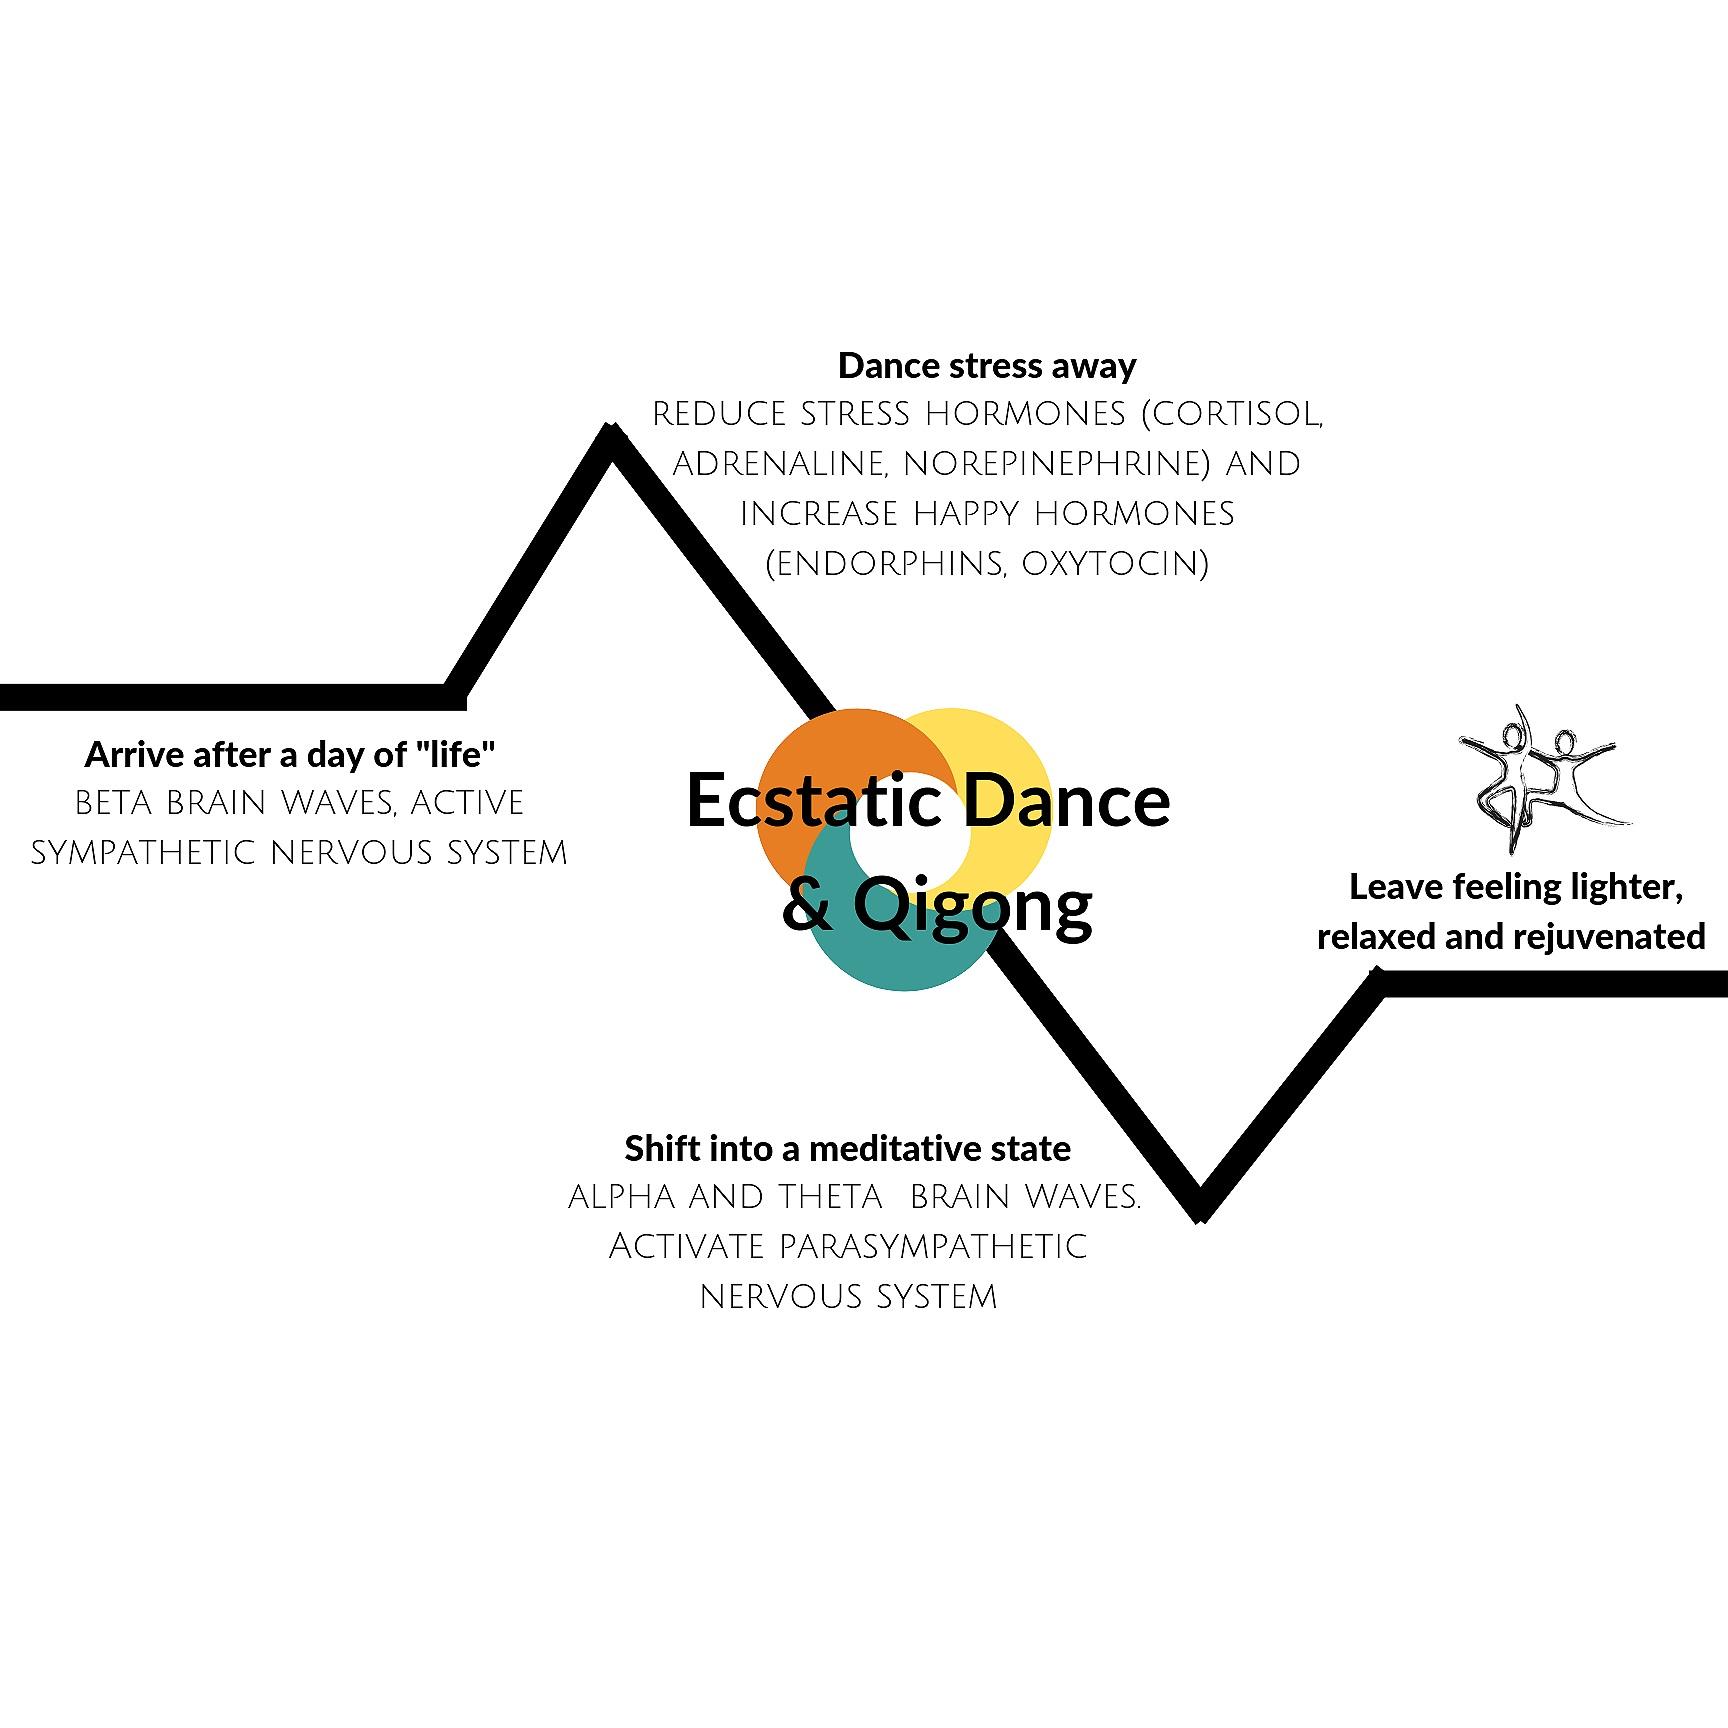 Ecstatic+Dance+and+Qigong+%283%29.jpg